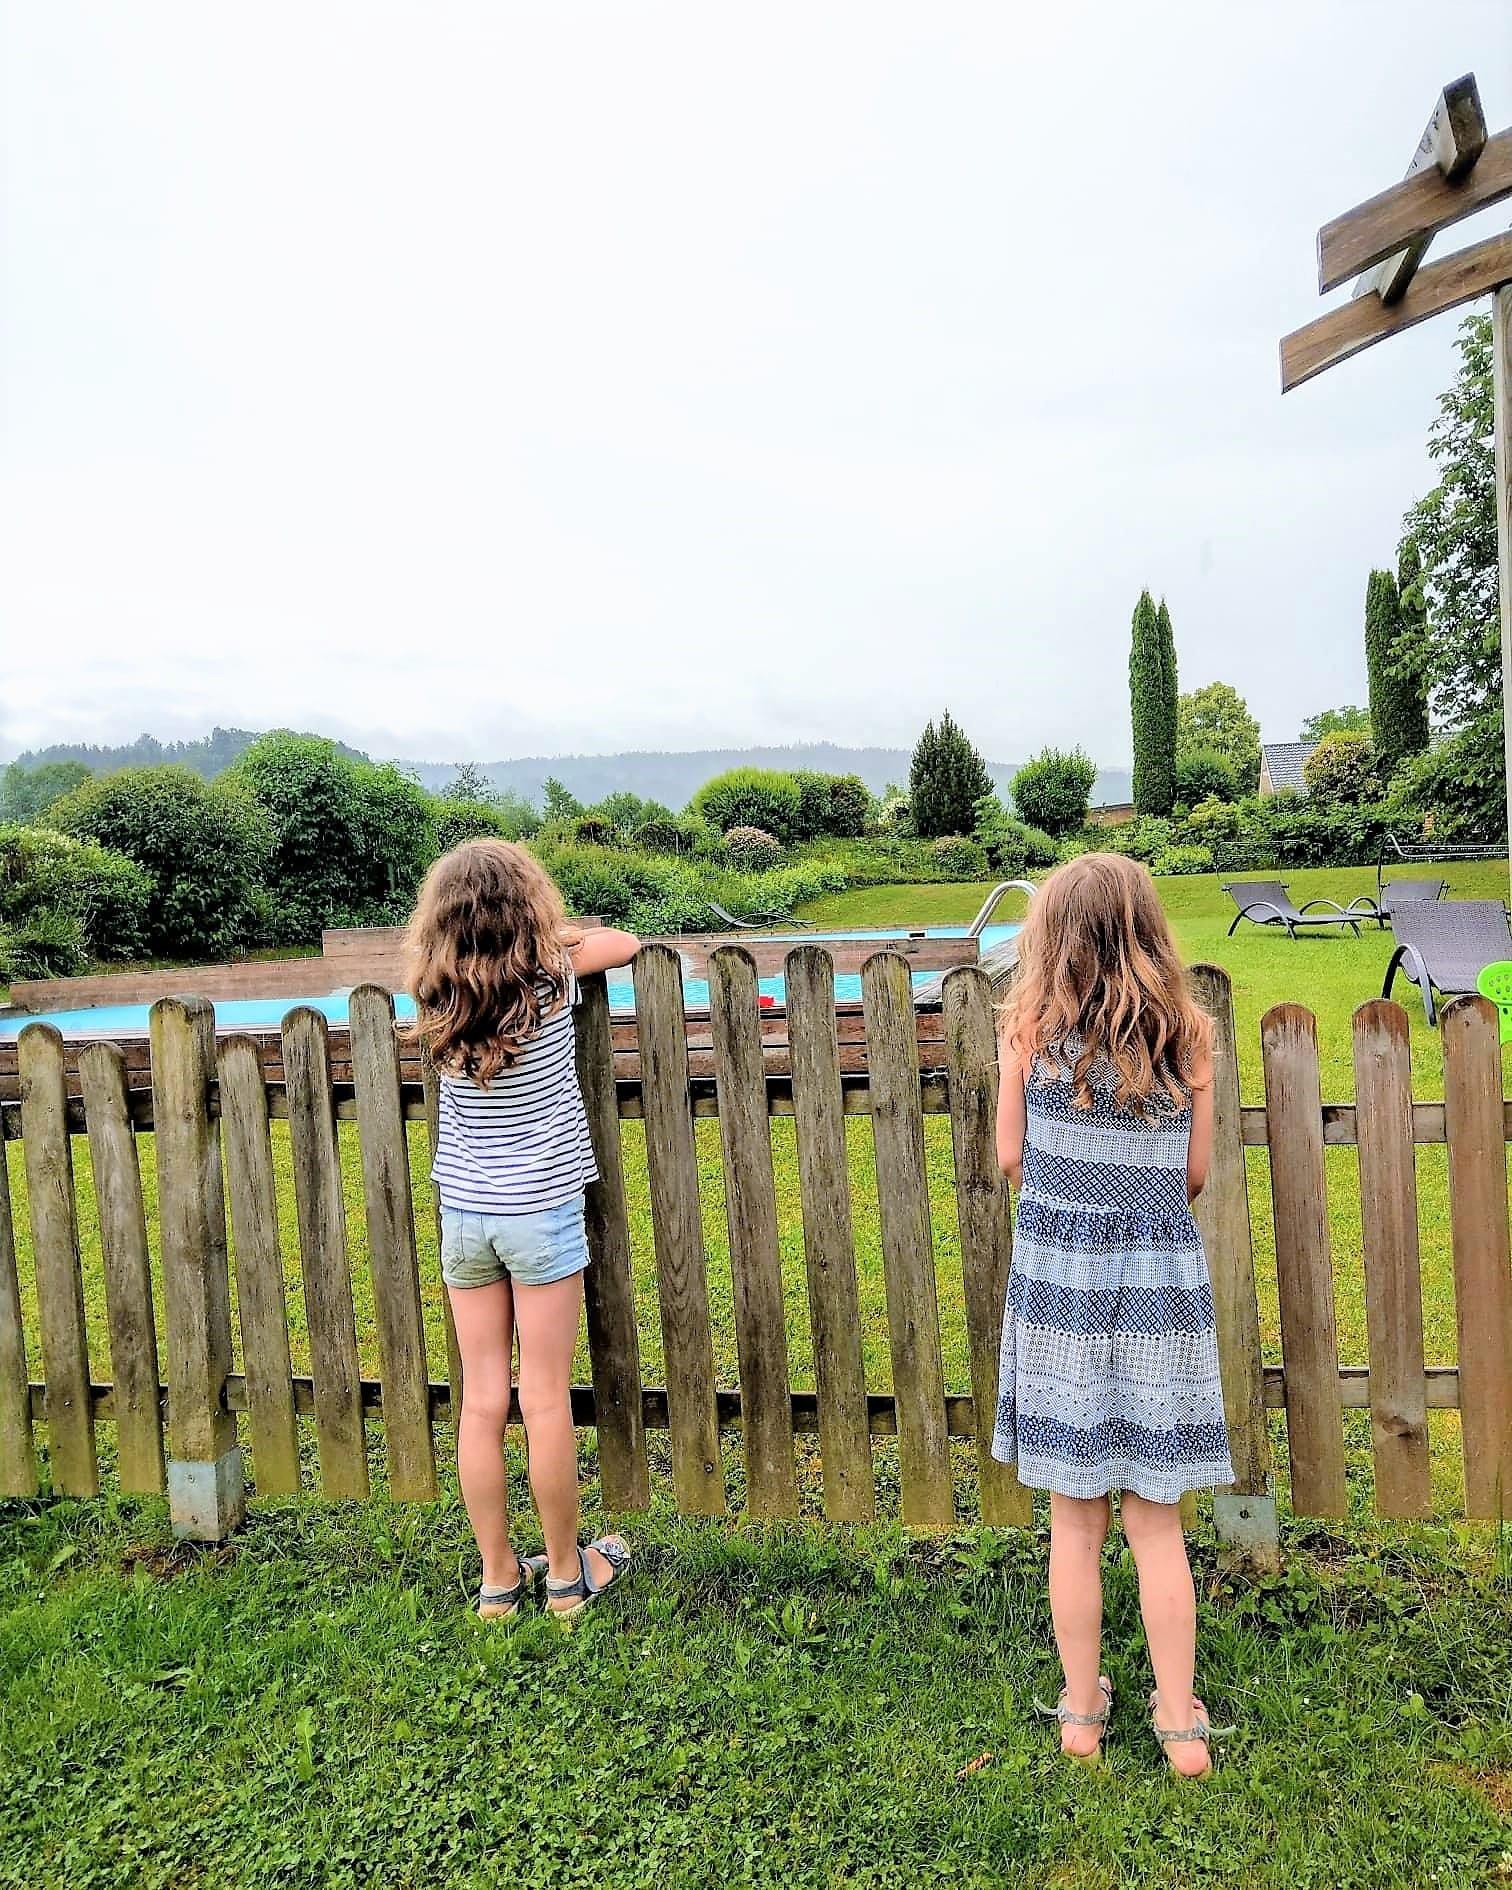 Unser Urlaub am Bauernhof im Salzburger Land war einer der schönsten und entspanntesten Urlaube überhaupt. Was wir unternommen haben und welche Highlights es gab, das erzähle ich im Urlaubsbericht.